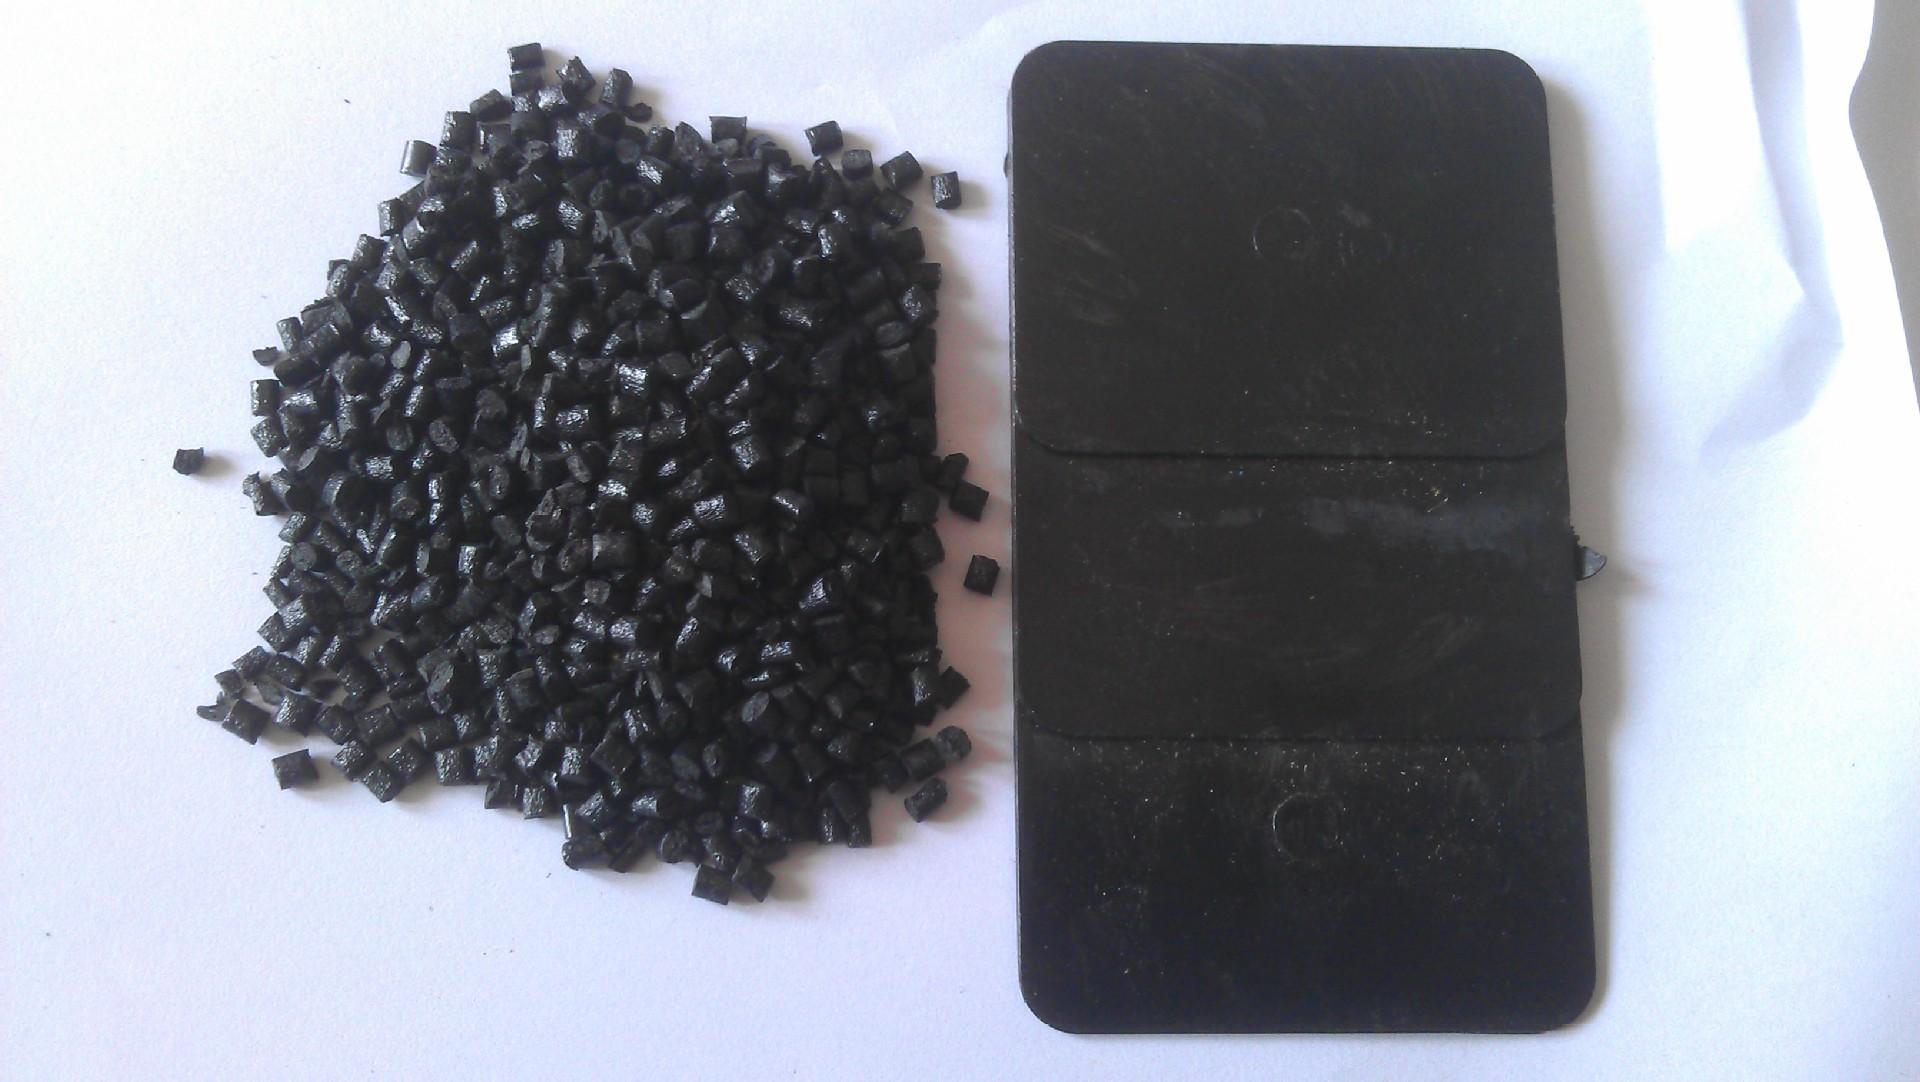 Ningbo nhà máy trực tiếp PC tăng cường màu đen vật liệu tái chế PC nhà máy trực tiếp giá rẻ